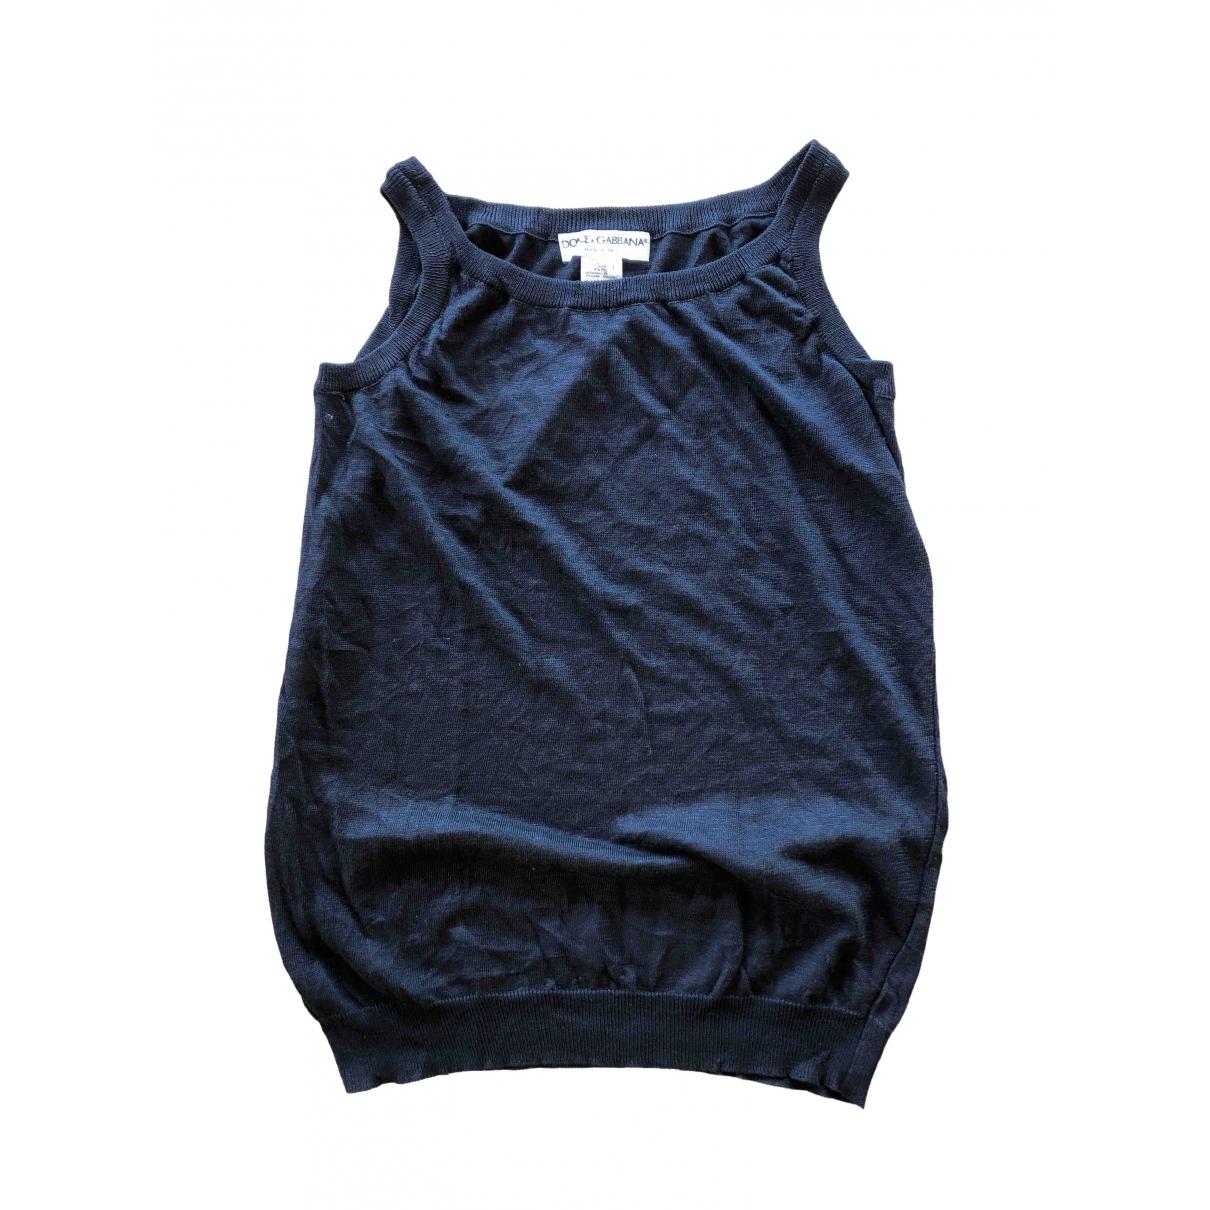 Dolce & Gabbana - Top   pour femme en lin - noir